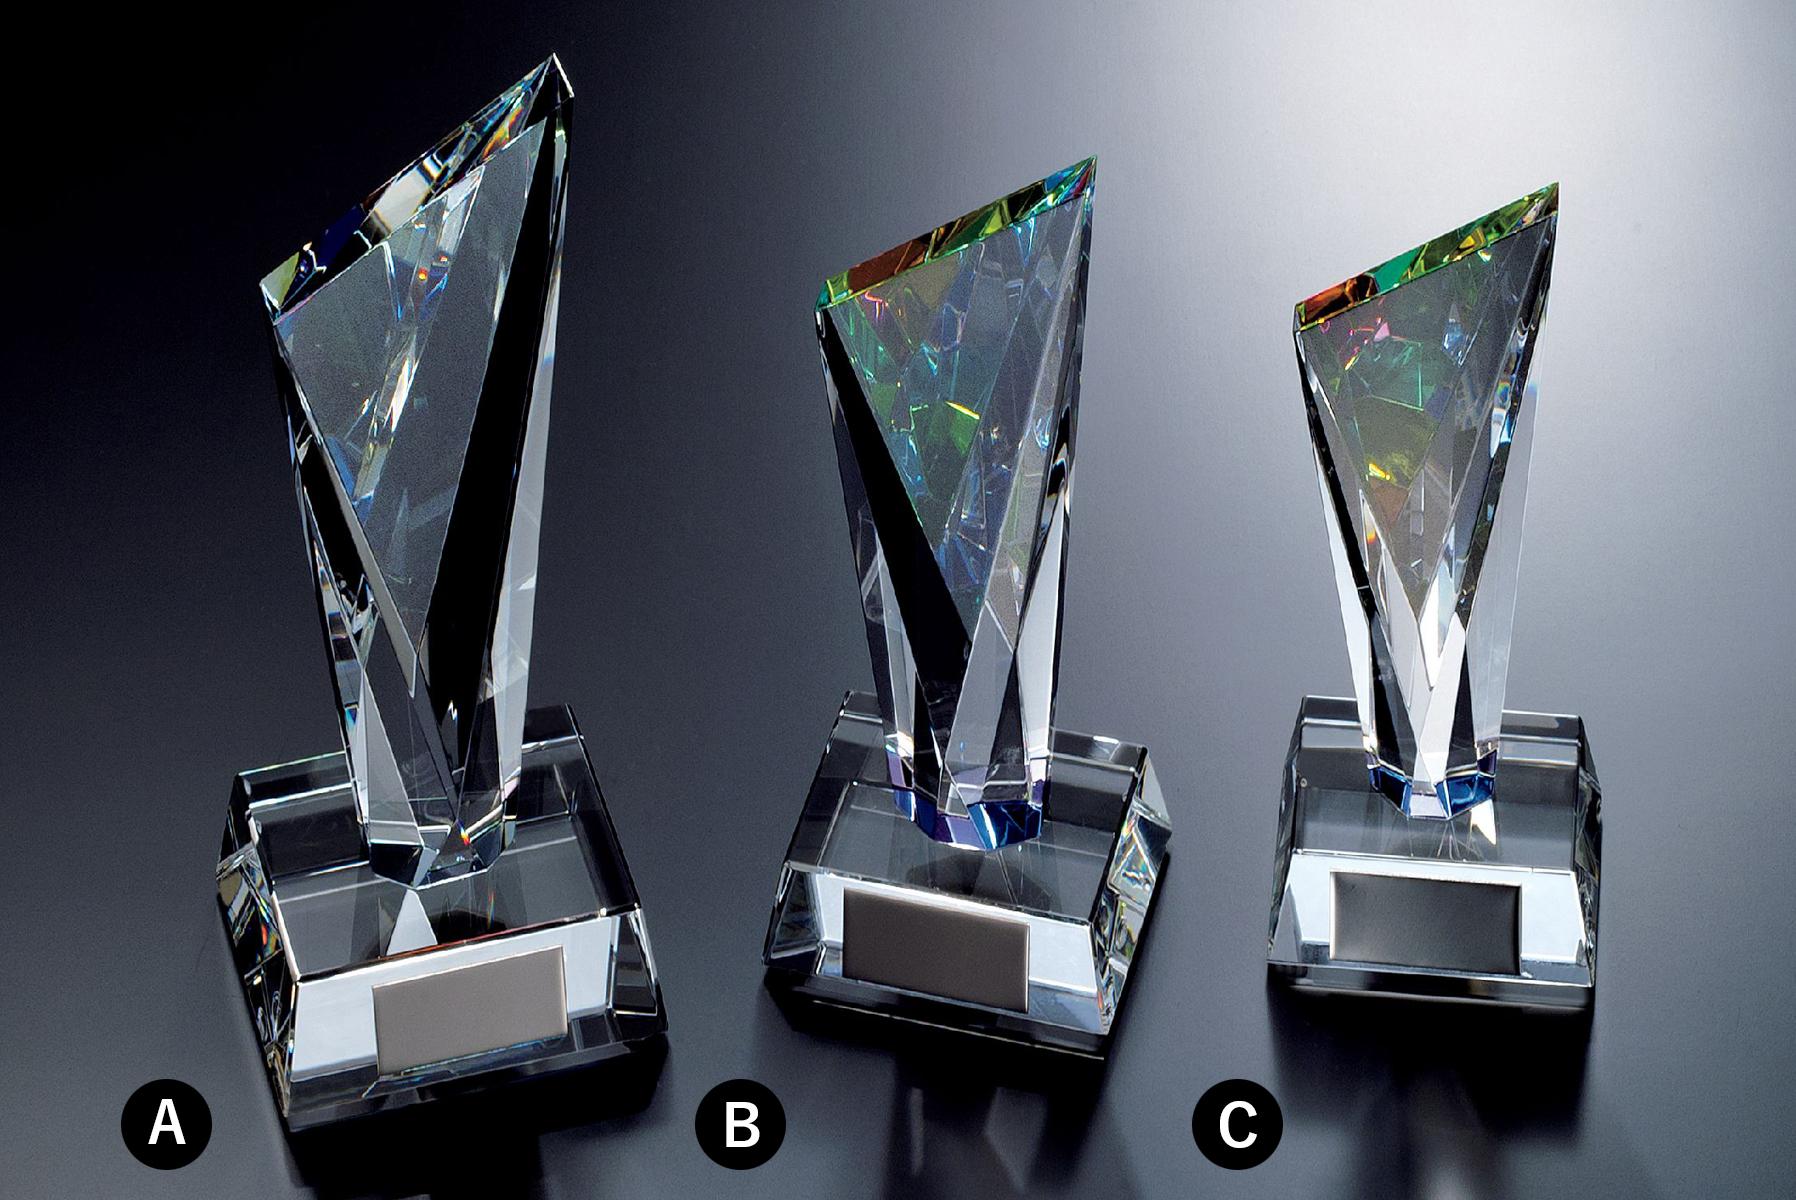 クリスタルトロフィー JG-B-503 透明度抜群の光学ガラス(オプティカルガラス)が美しい人気定番クリスタルトロフィー